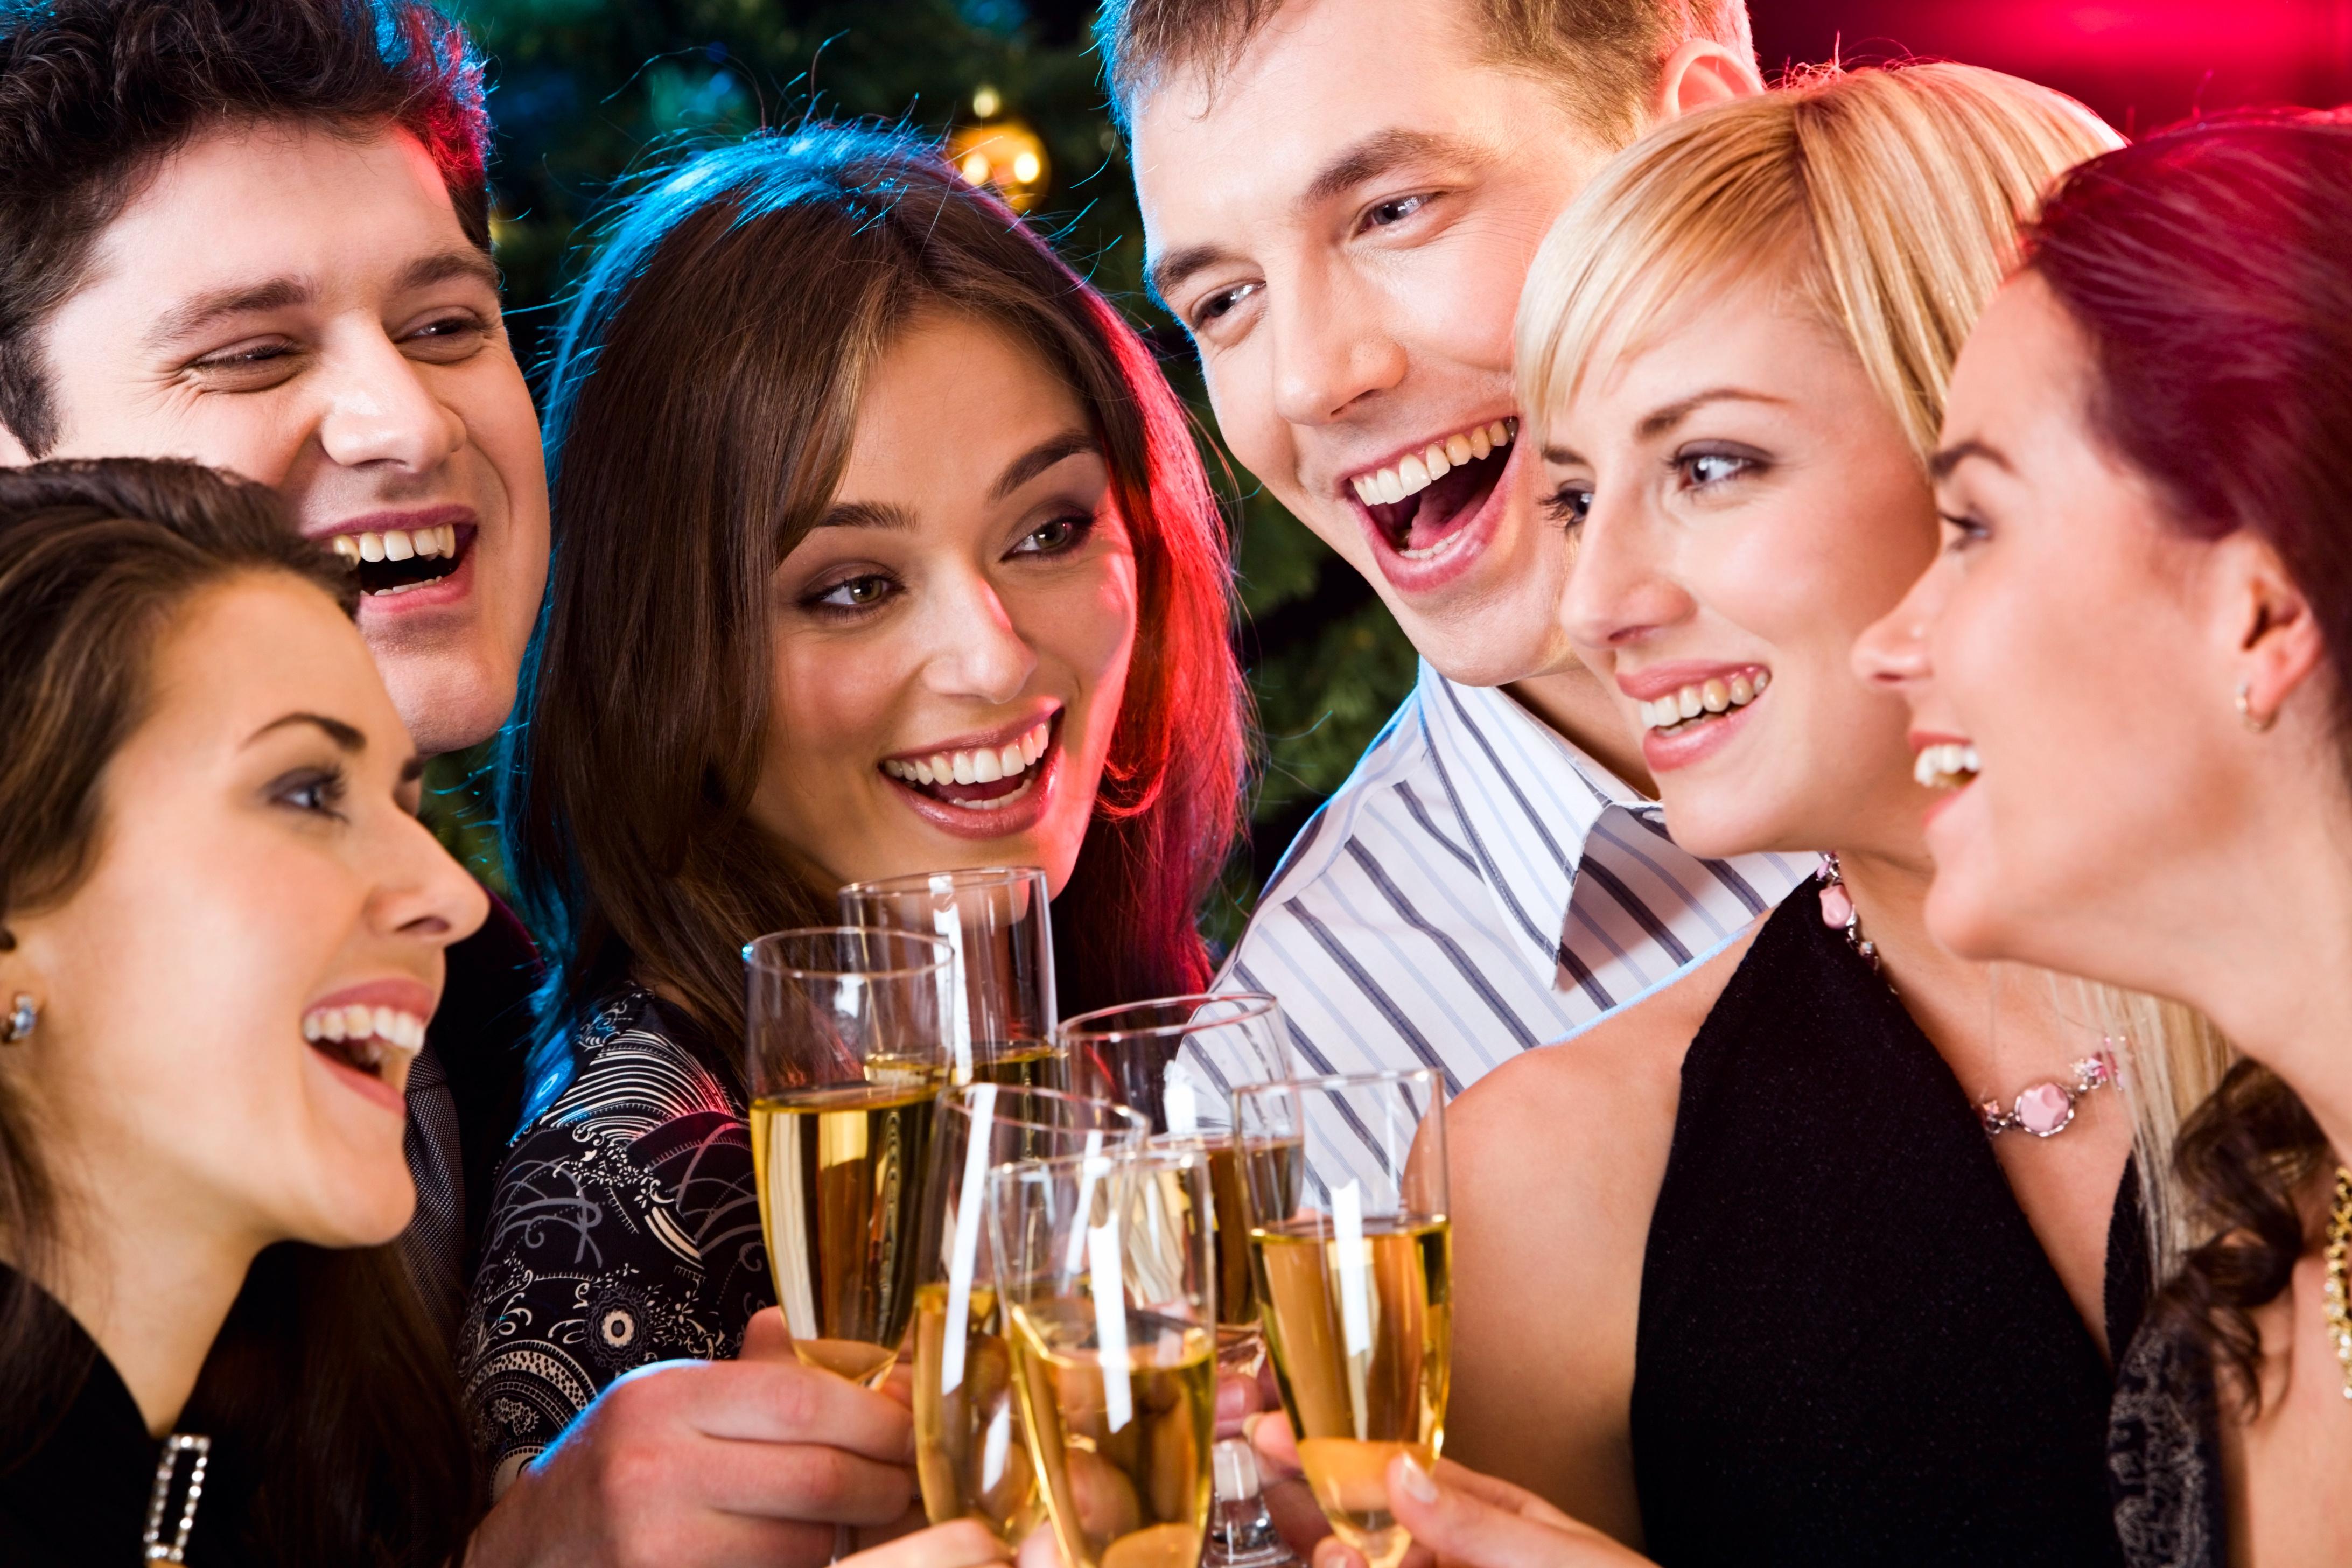 シャンパングラスを片手に乾杯している男女のグループ